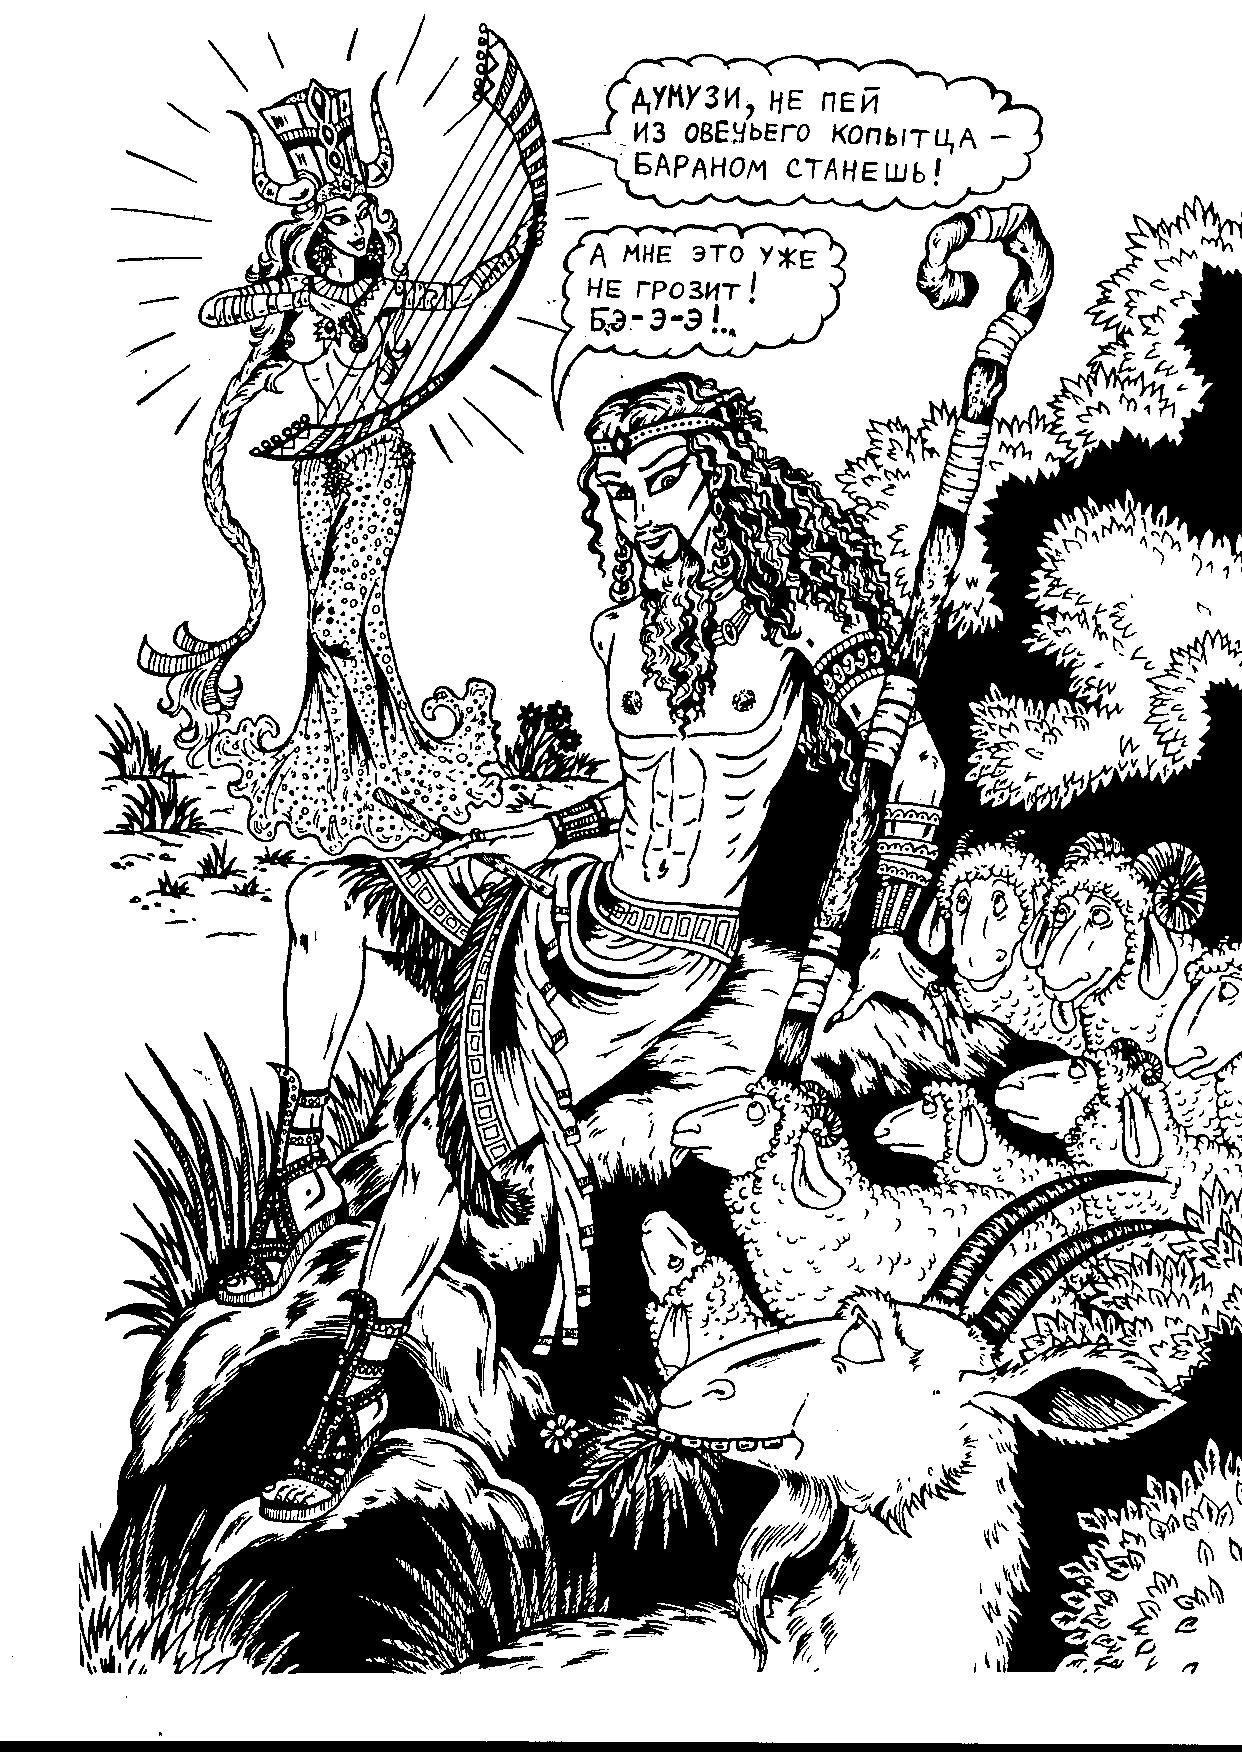 Inanna meets Dumuzi by talfar